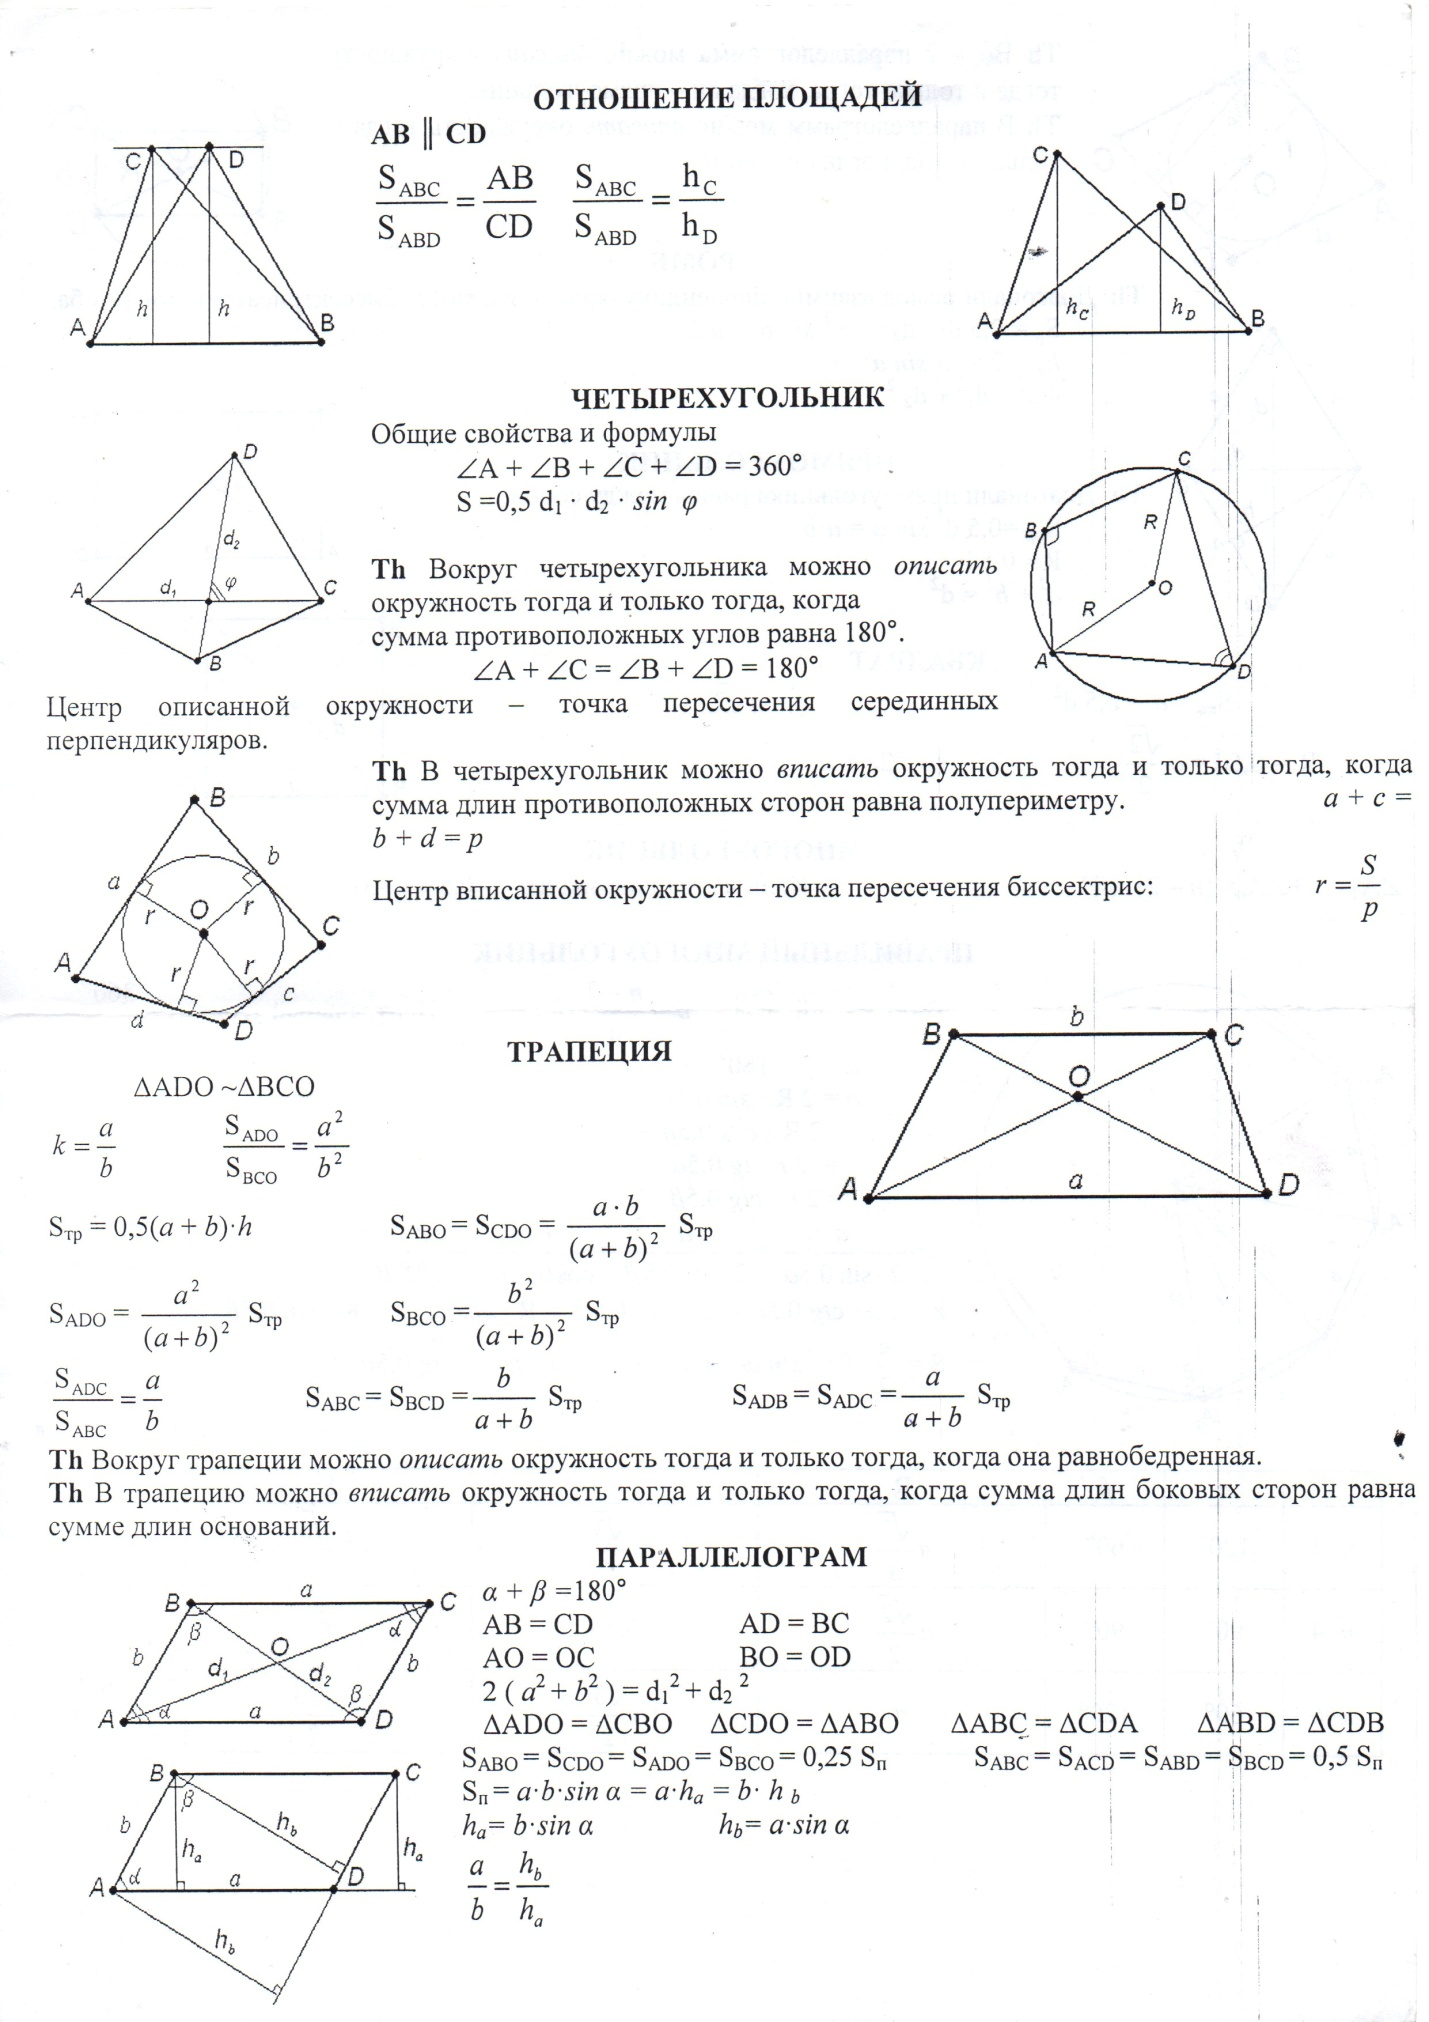 C:\Users\сайлана\Desktop\Справочный материал по математике\img084.jpg